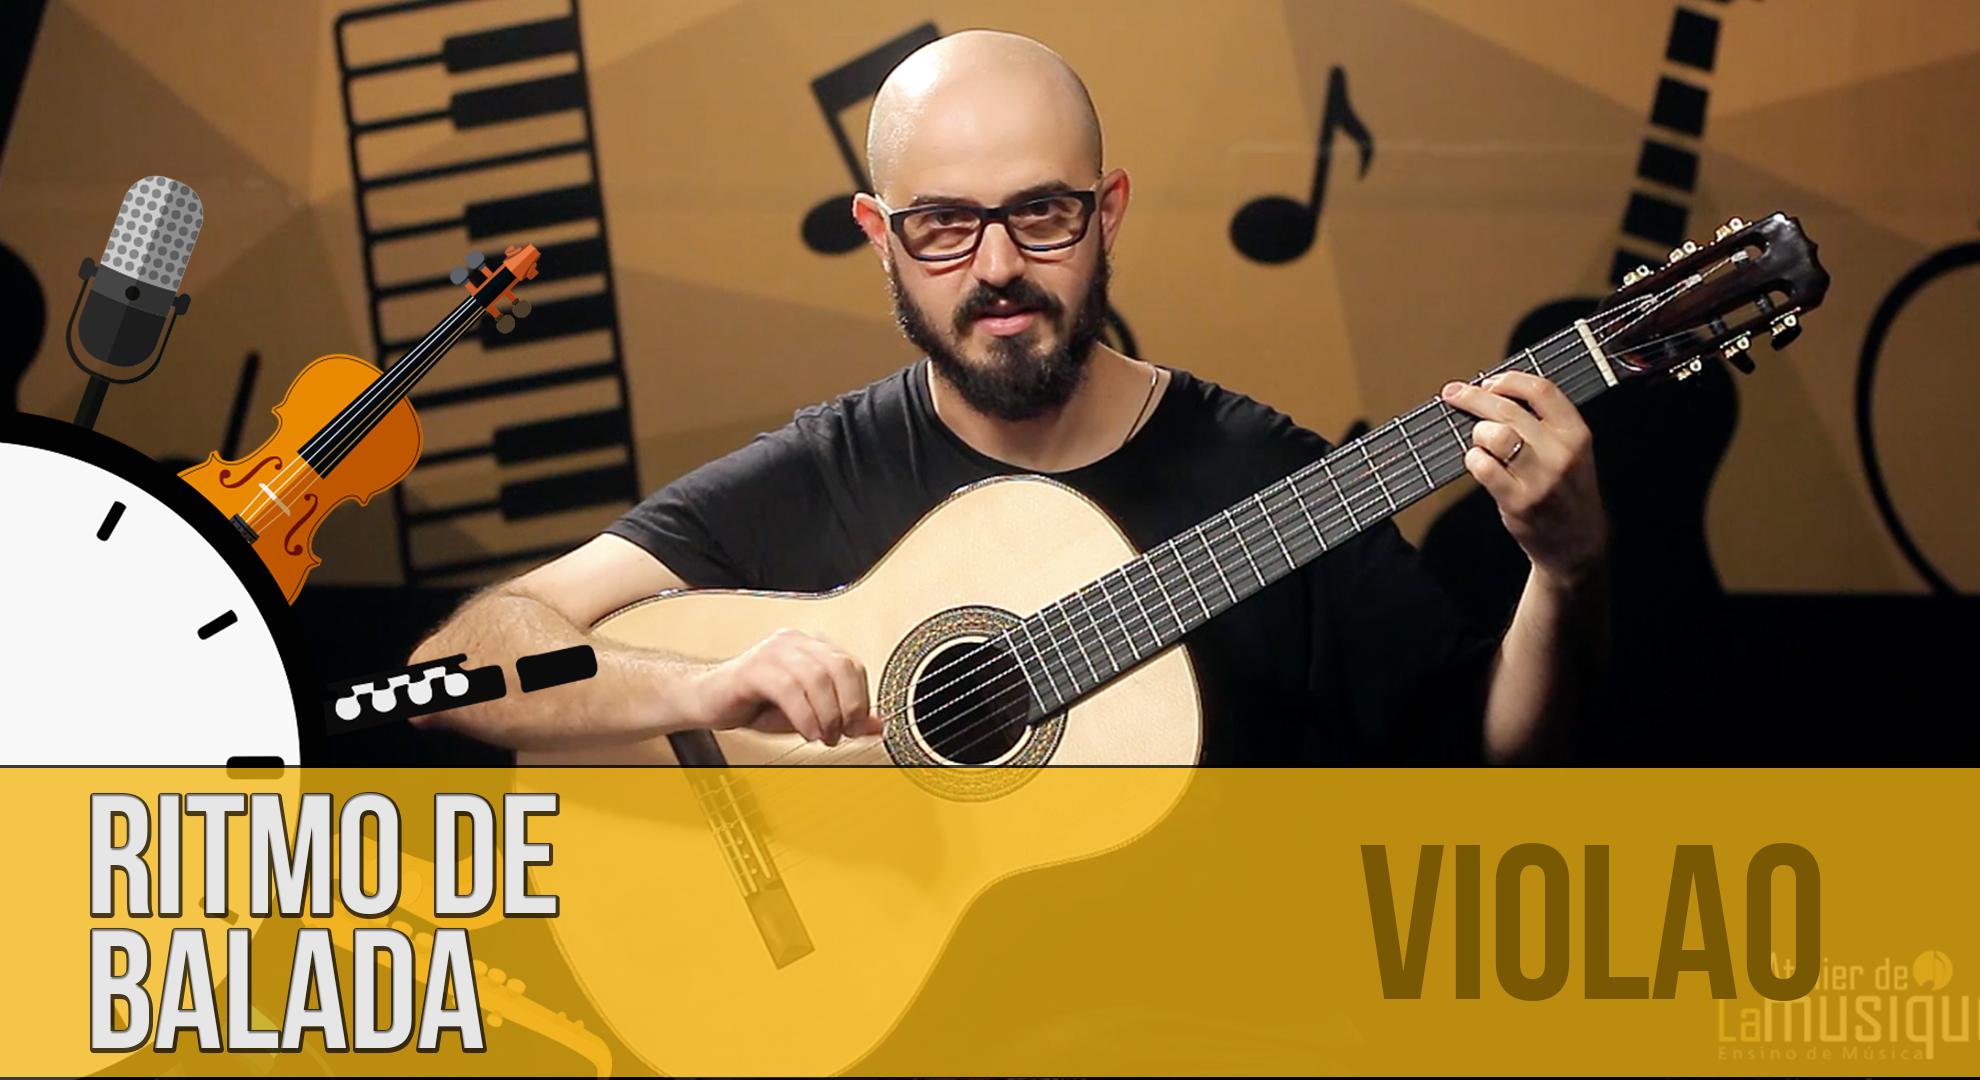 Ritmo de balada no violão